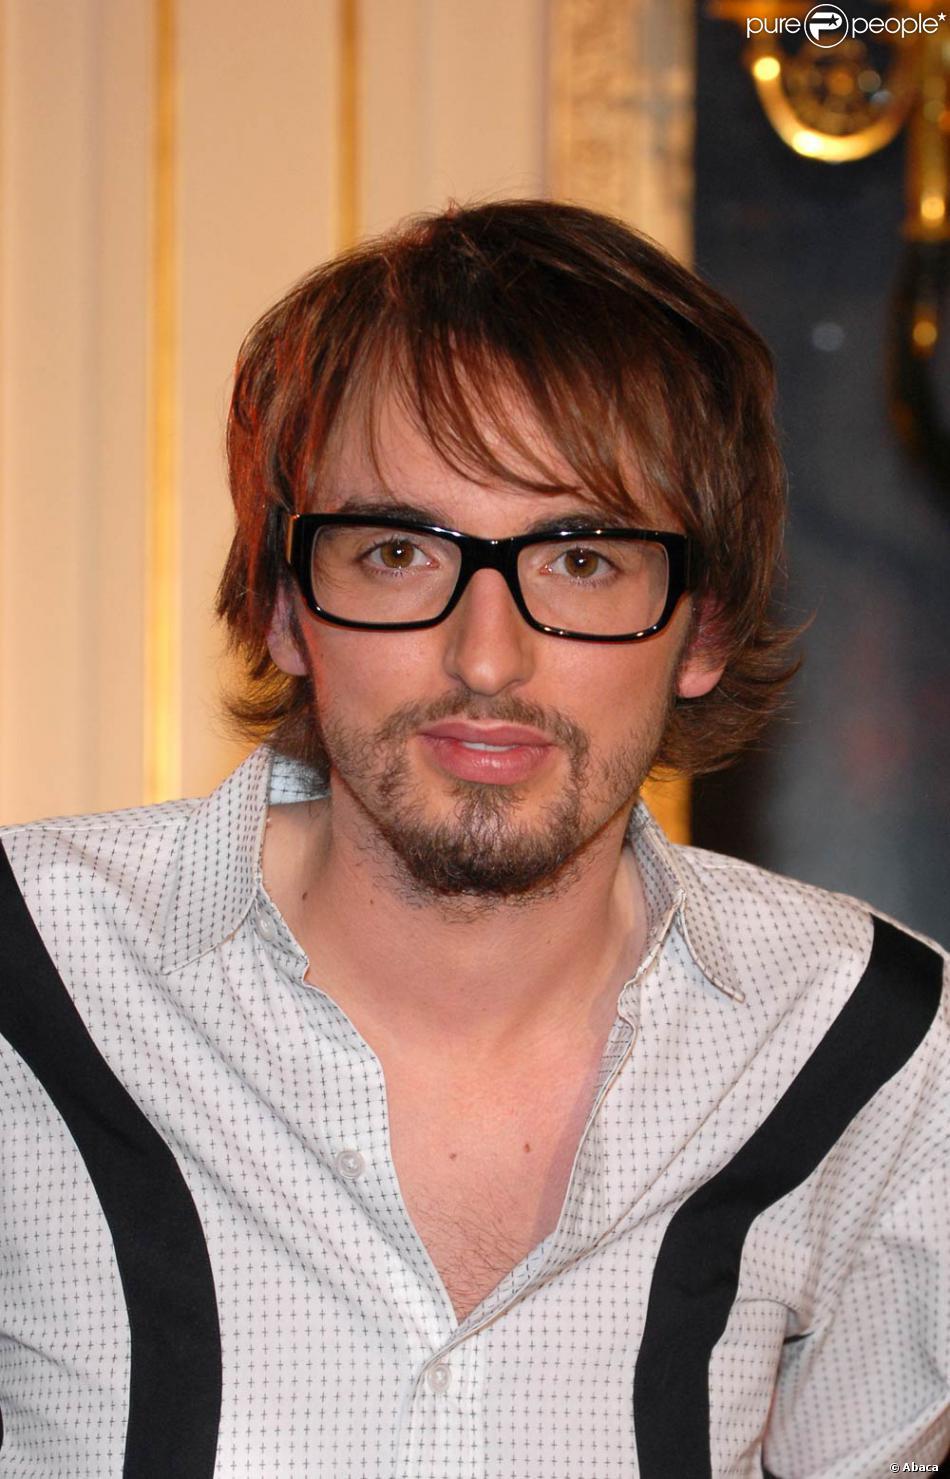 christophe willem dit, cru 2007 : cheveux longs et lunettes - purepeople